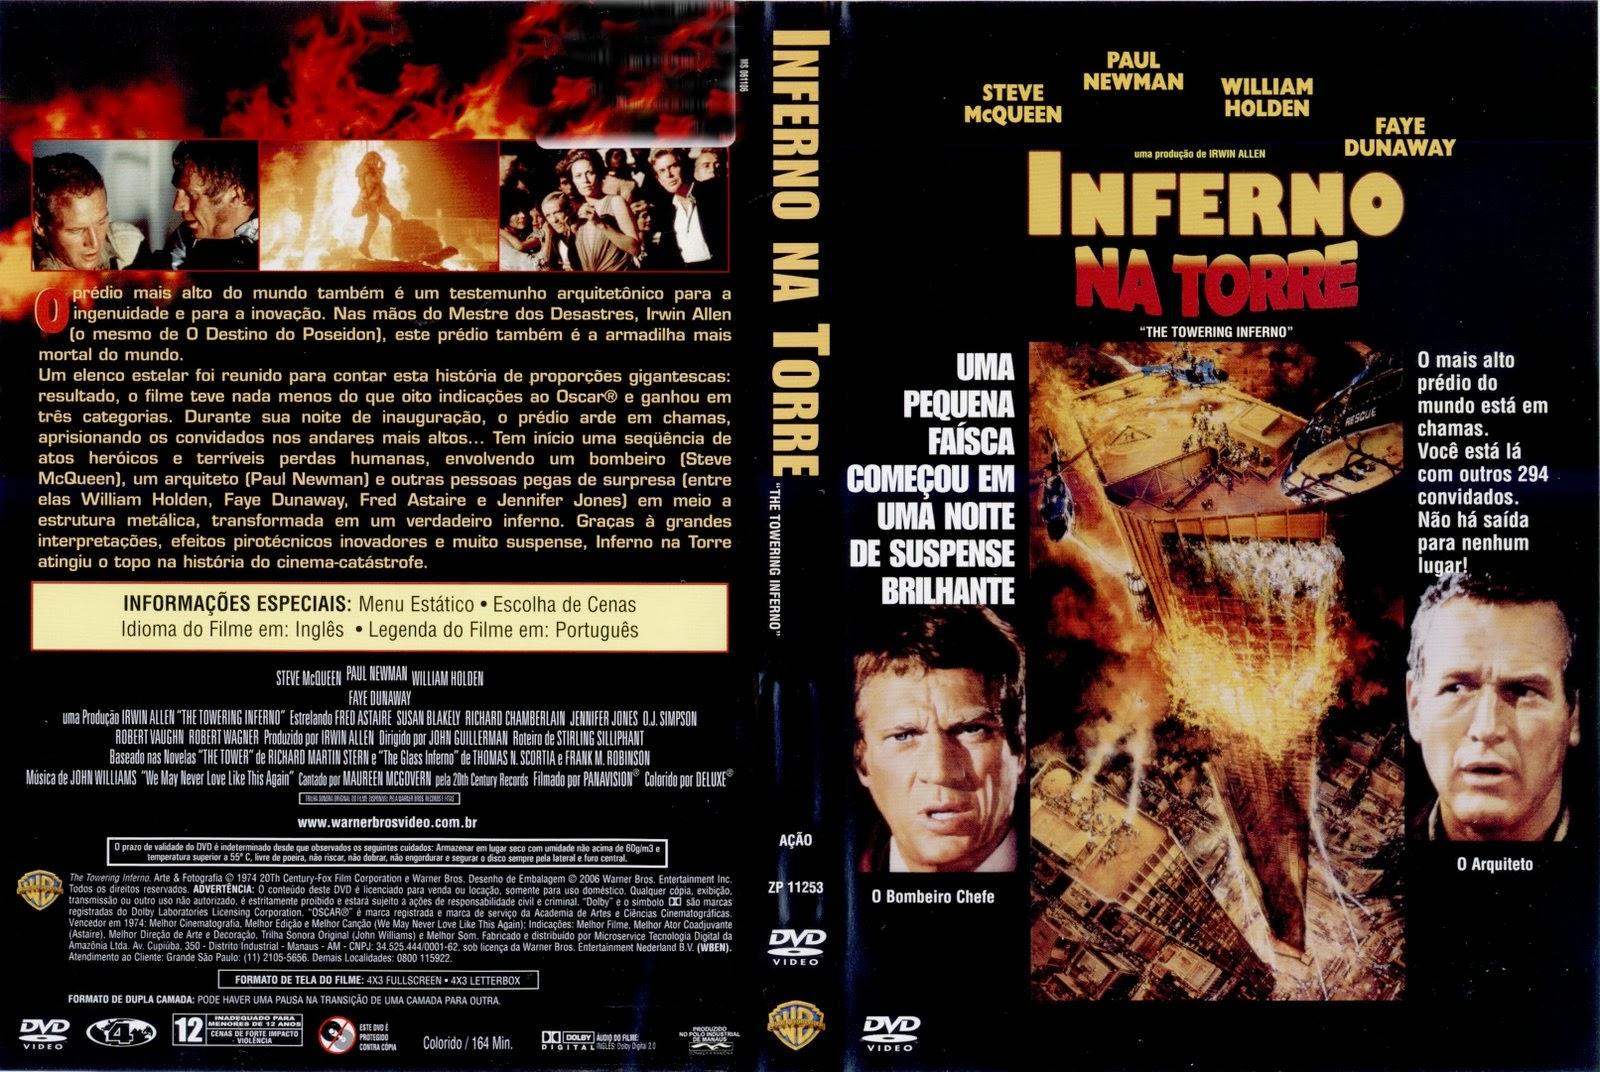 Inferno Em Chamas Ideal cine moments: inferno na torre de 1974